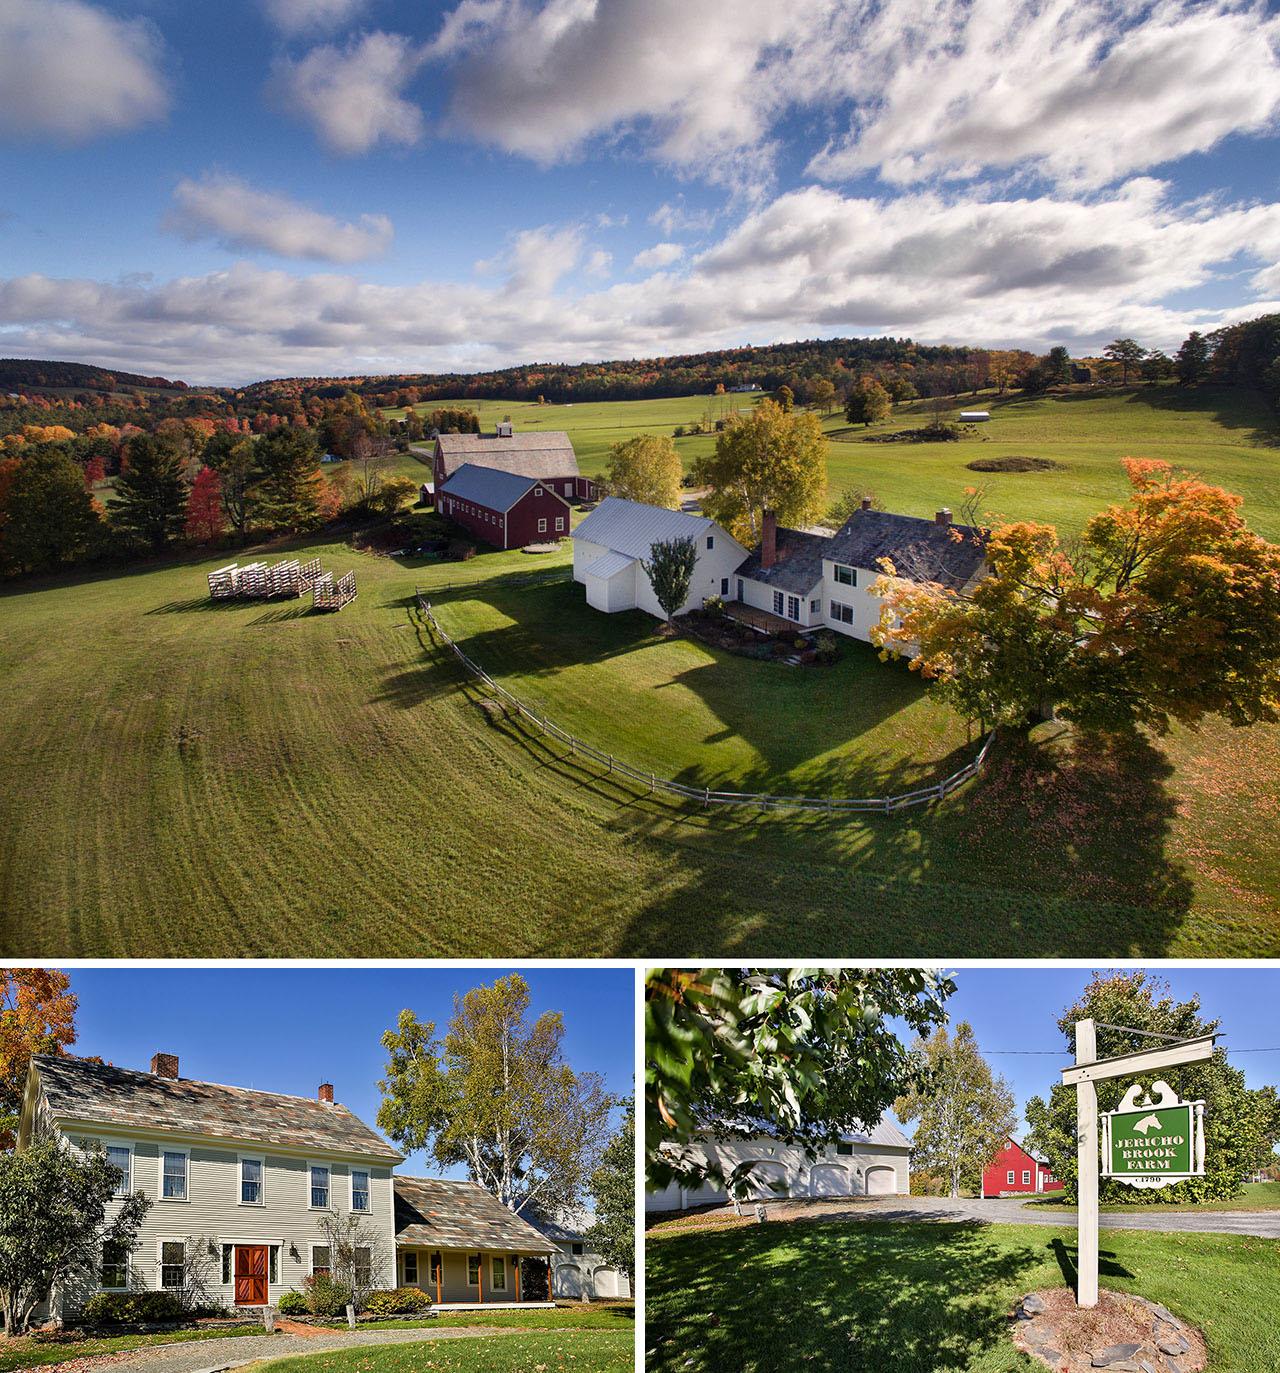 Jericho Brook Farm, Vermont. VT0753-26_CCc